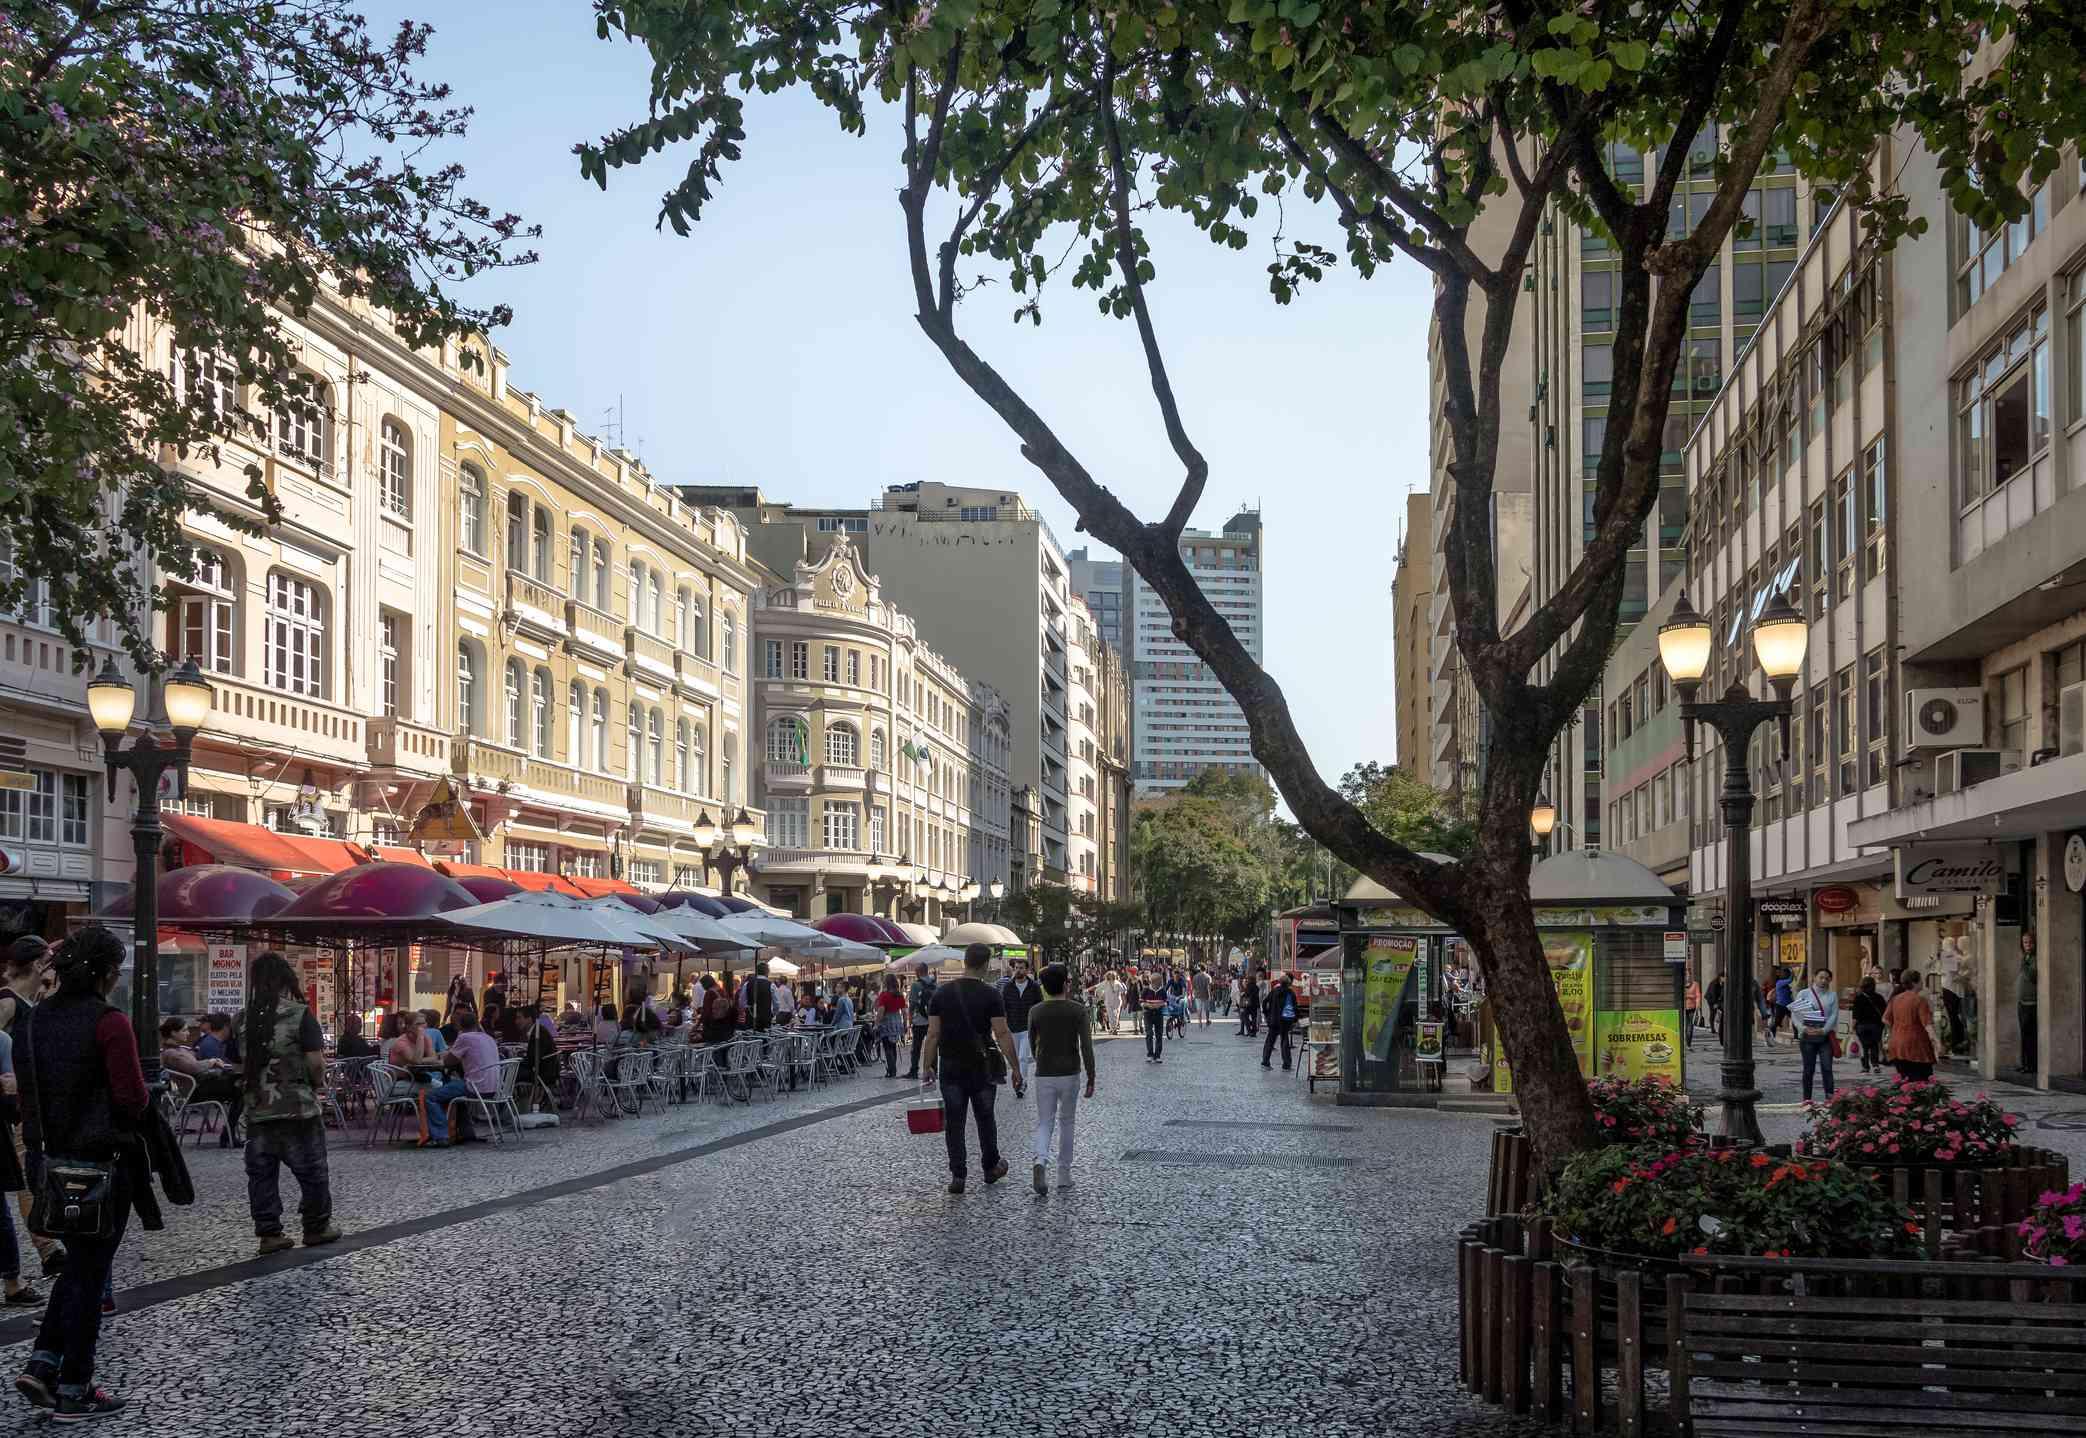 Calle de las flores (Rua das Flores) y Palacio Avenida (Palacio de la Avenida) - Curitiba, Paraná, Brasil